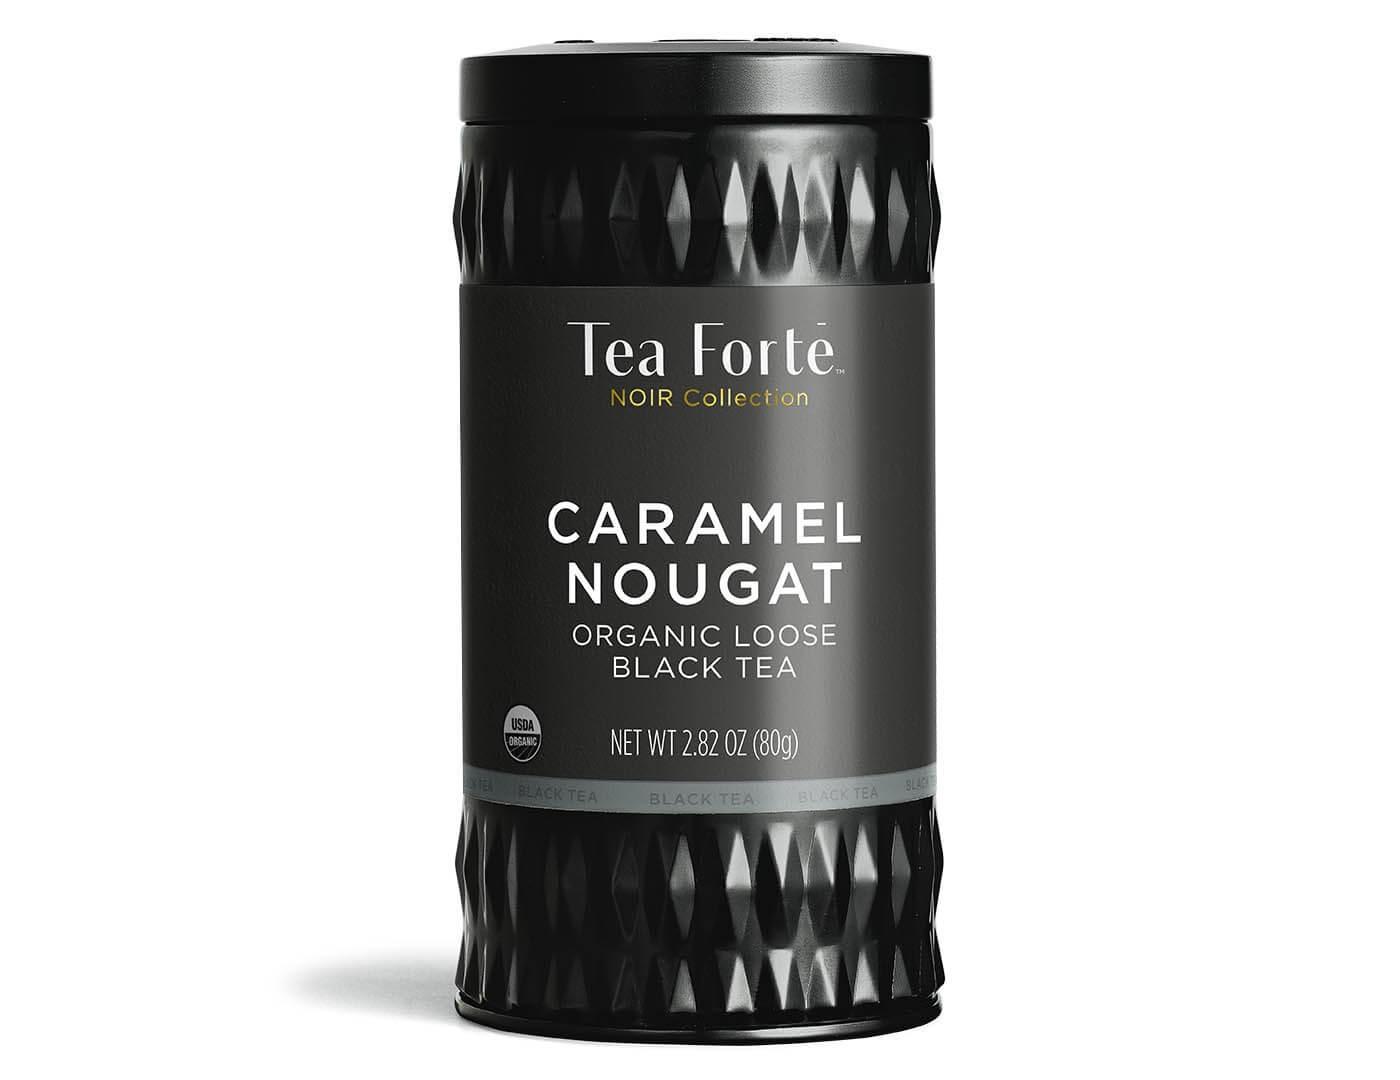 teaforte CARAMEL NOUGAT NOIR LOOSE TEA CANISTER キャラメルヌガーティー